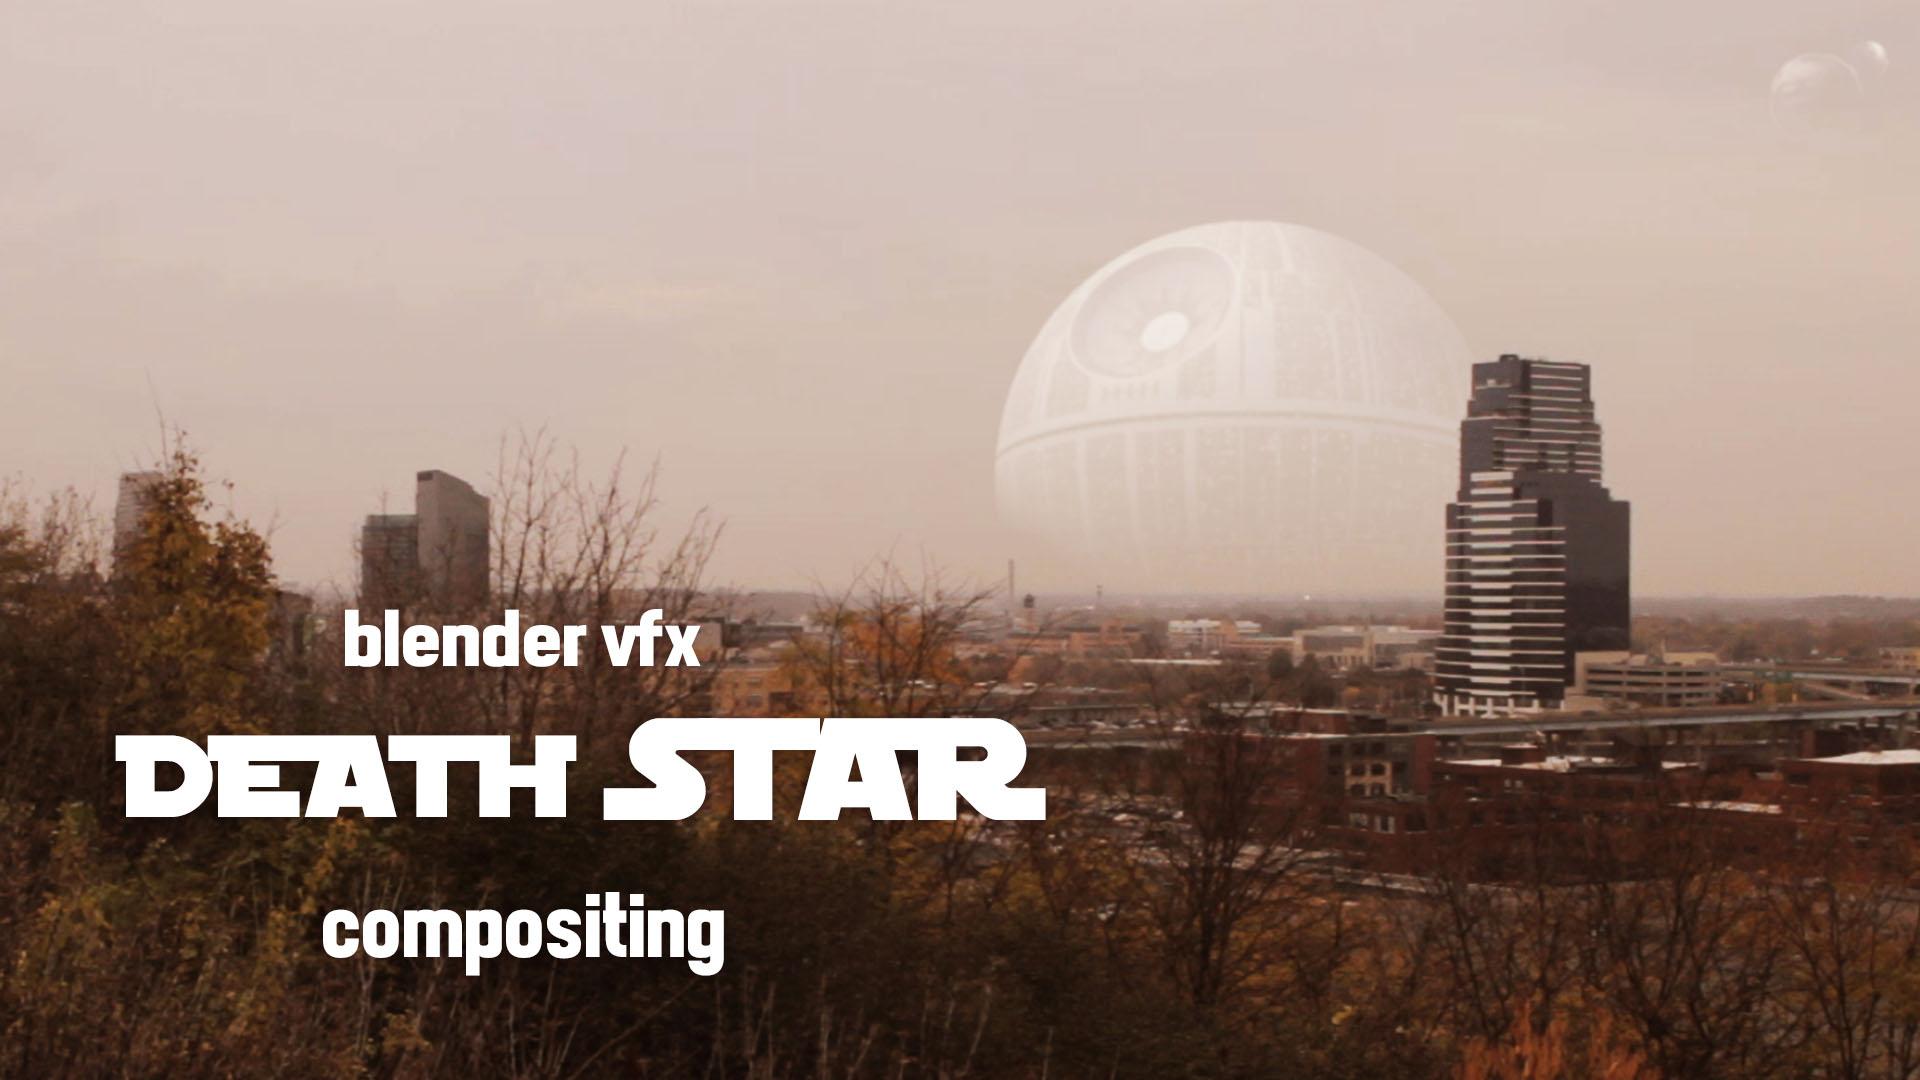 Death Star VFX! 2D Compositing in Blender - BlenderNation